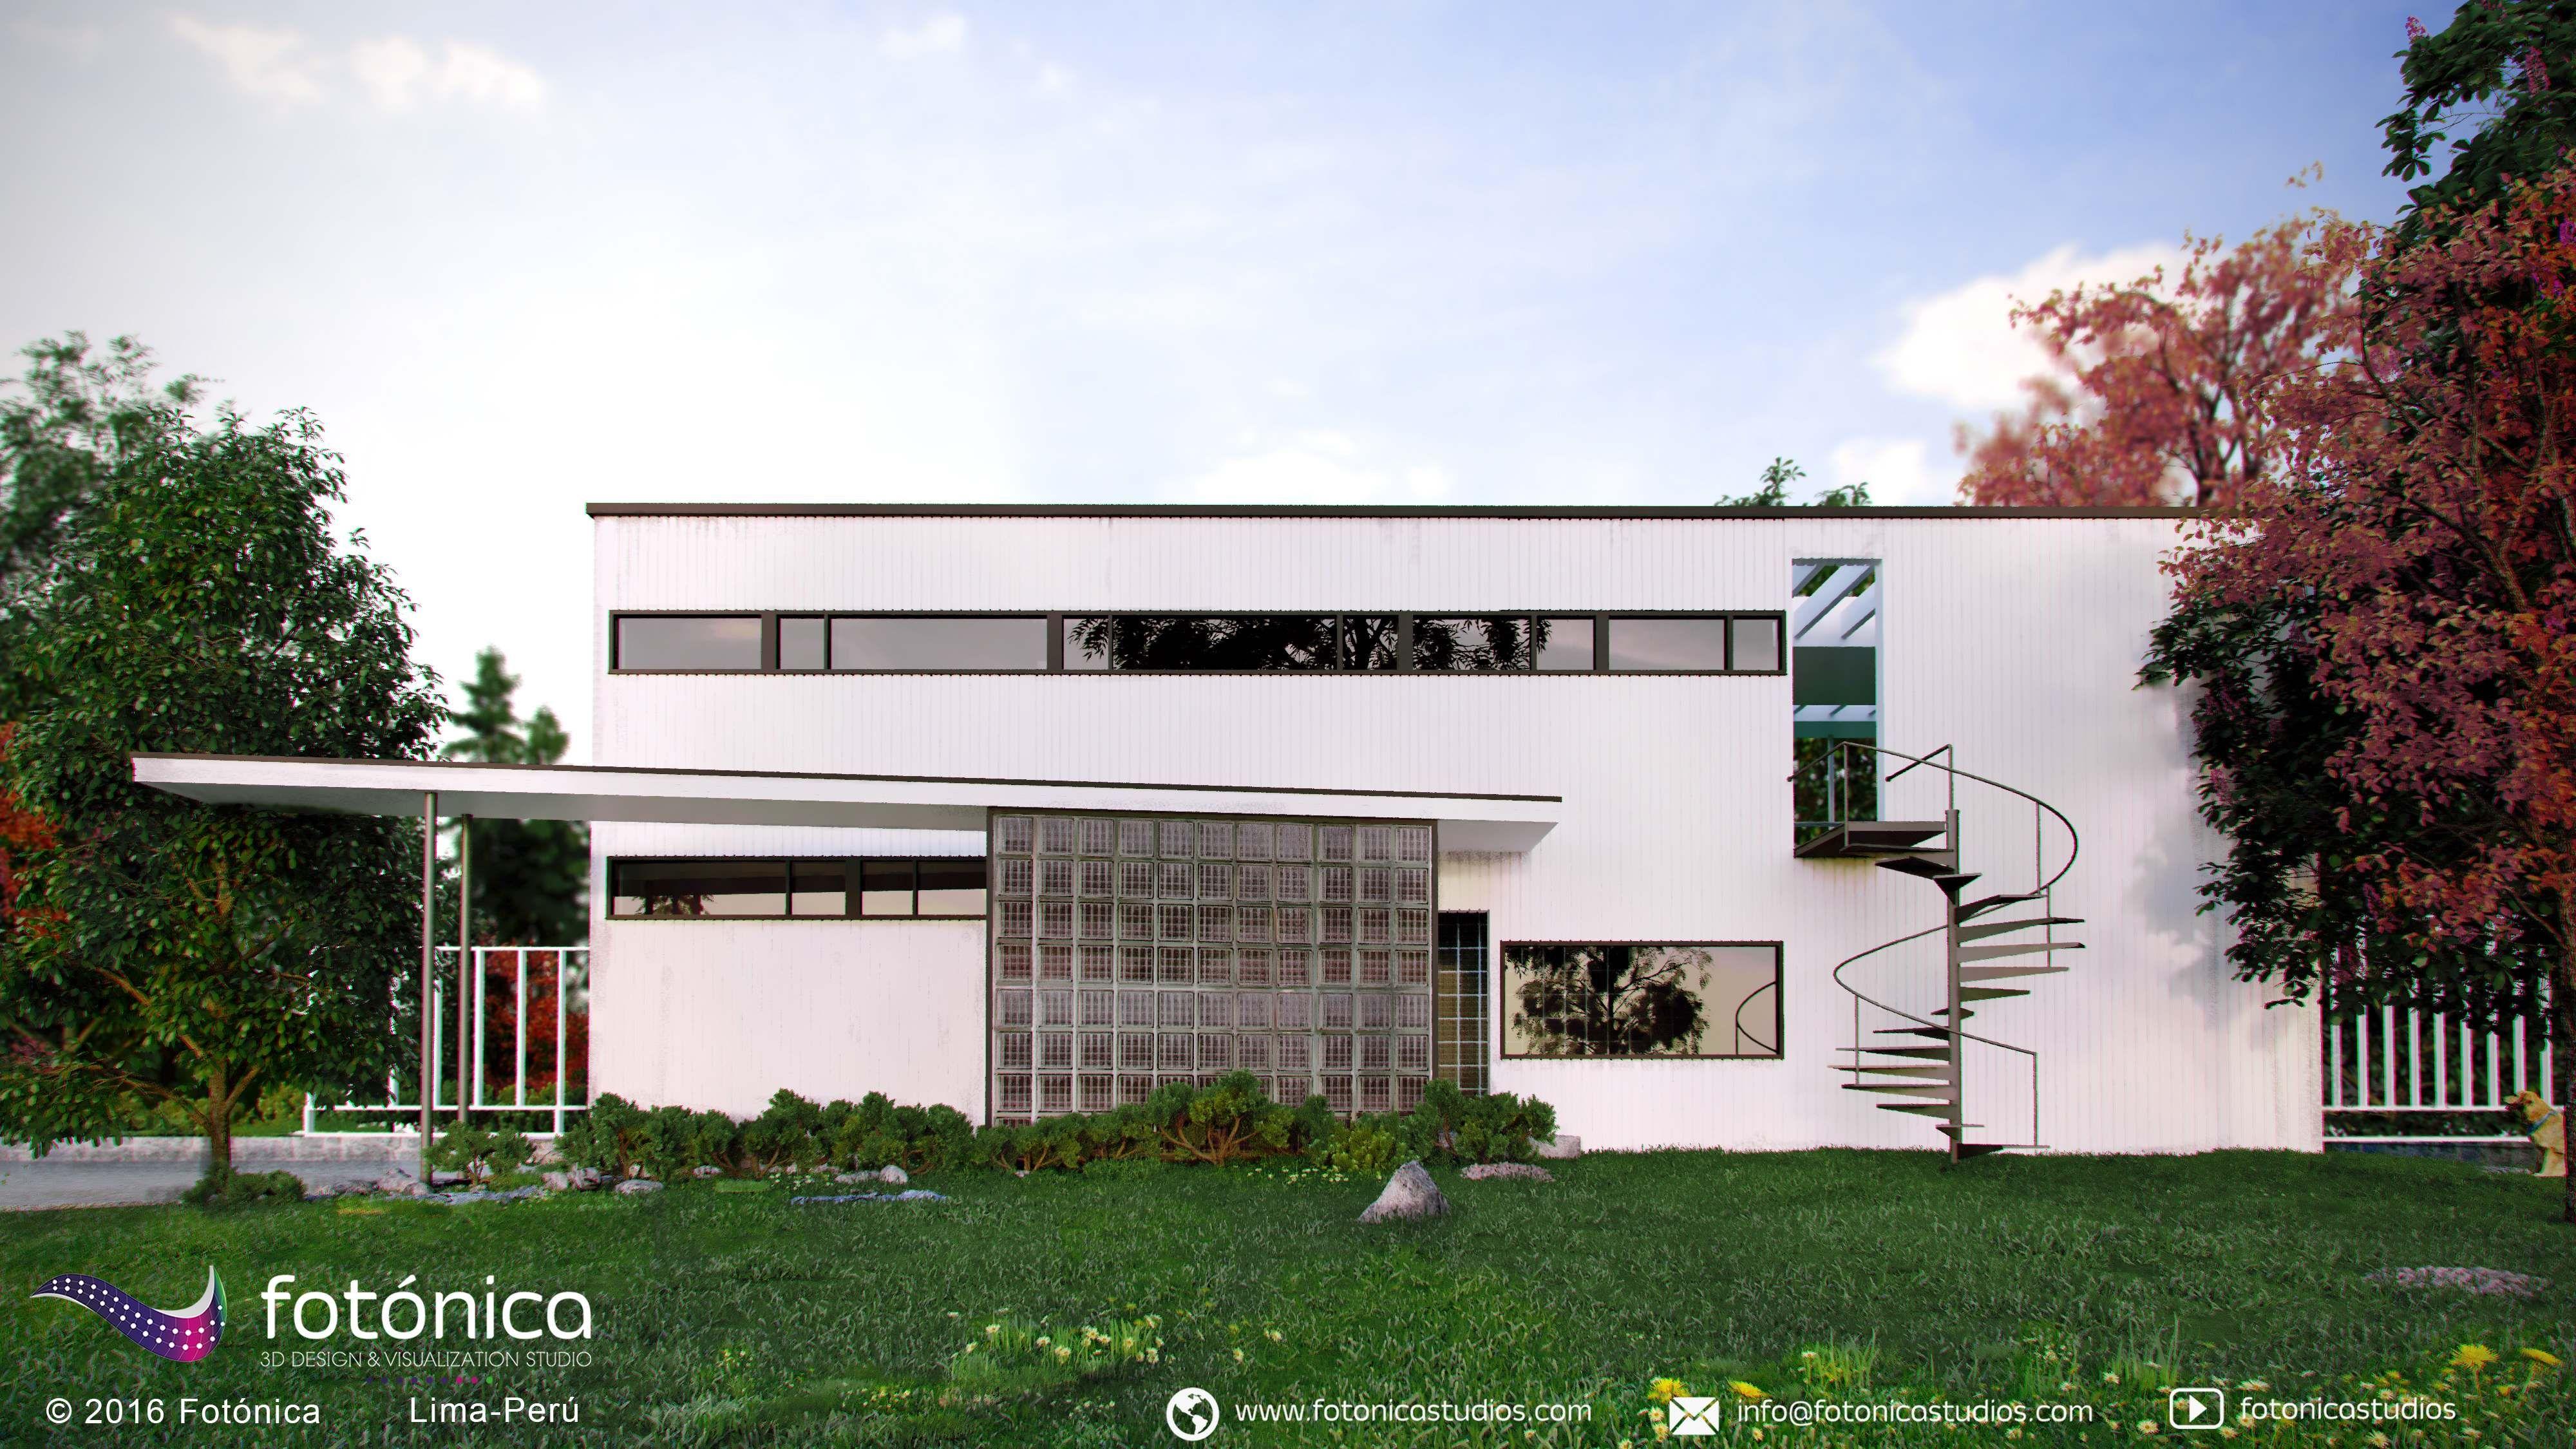 Fot nica 3d design visualization studio www for Diseno de interiores lima